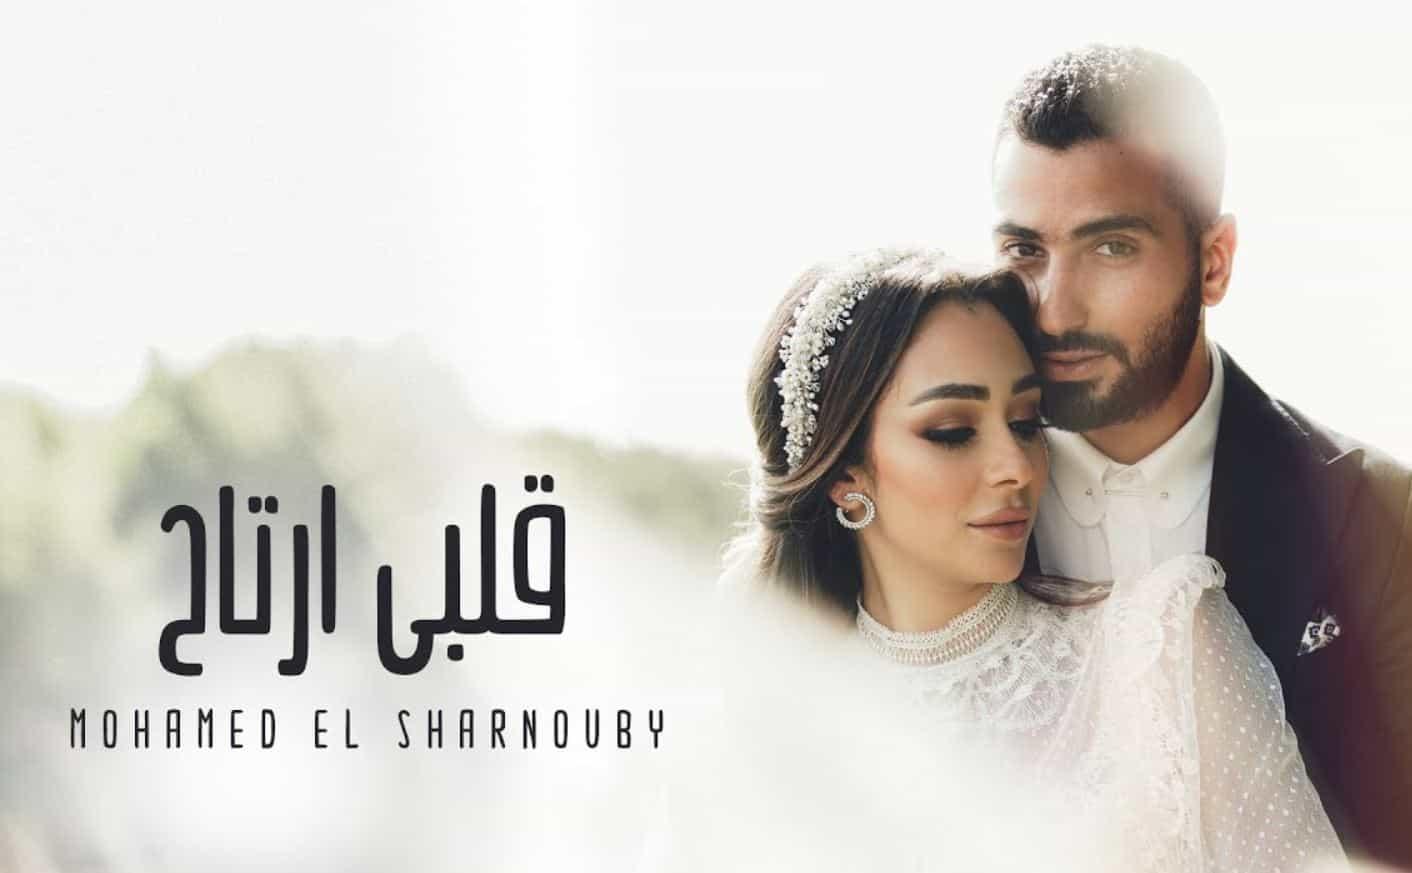 كلمات اغنية قلبي ارتاح محمد الشرنوبي